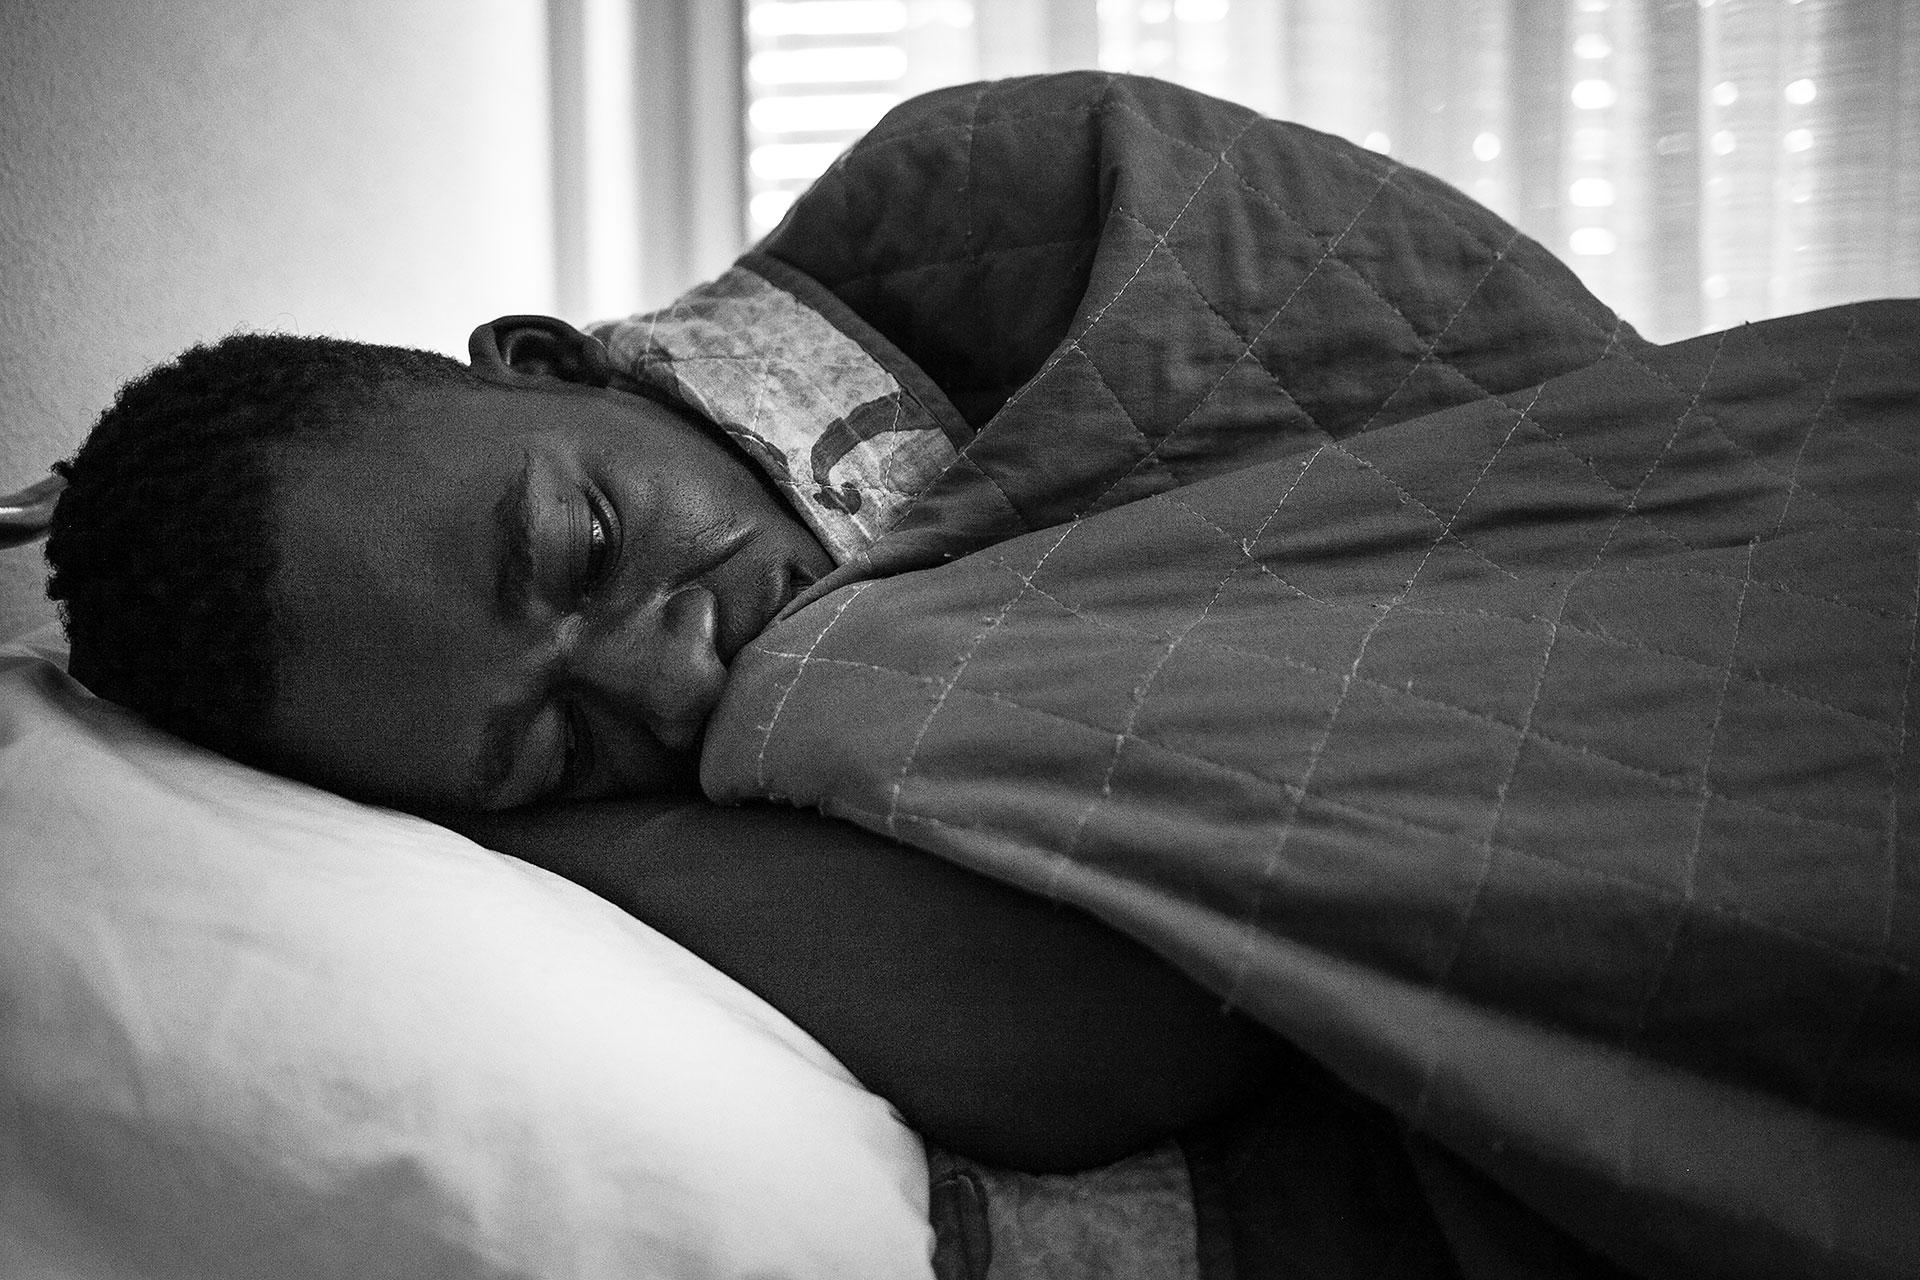 Malick descansa en su cama en el Hotel Colibri. Comparte habitación con tres personas más de Gambia y Senegal.